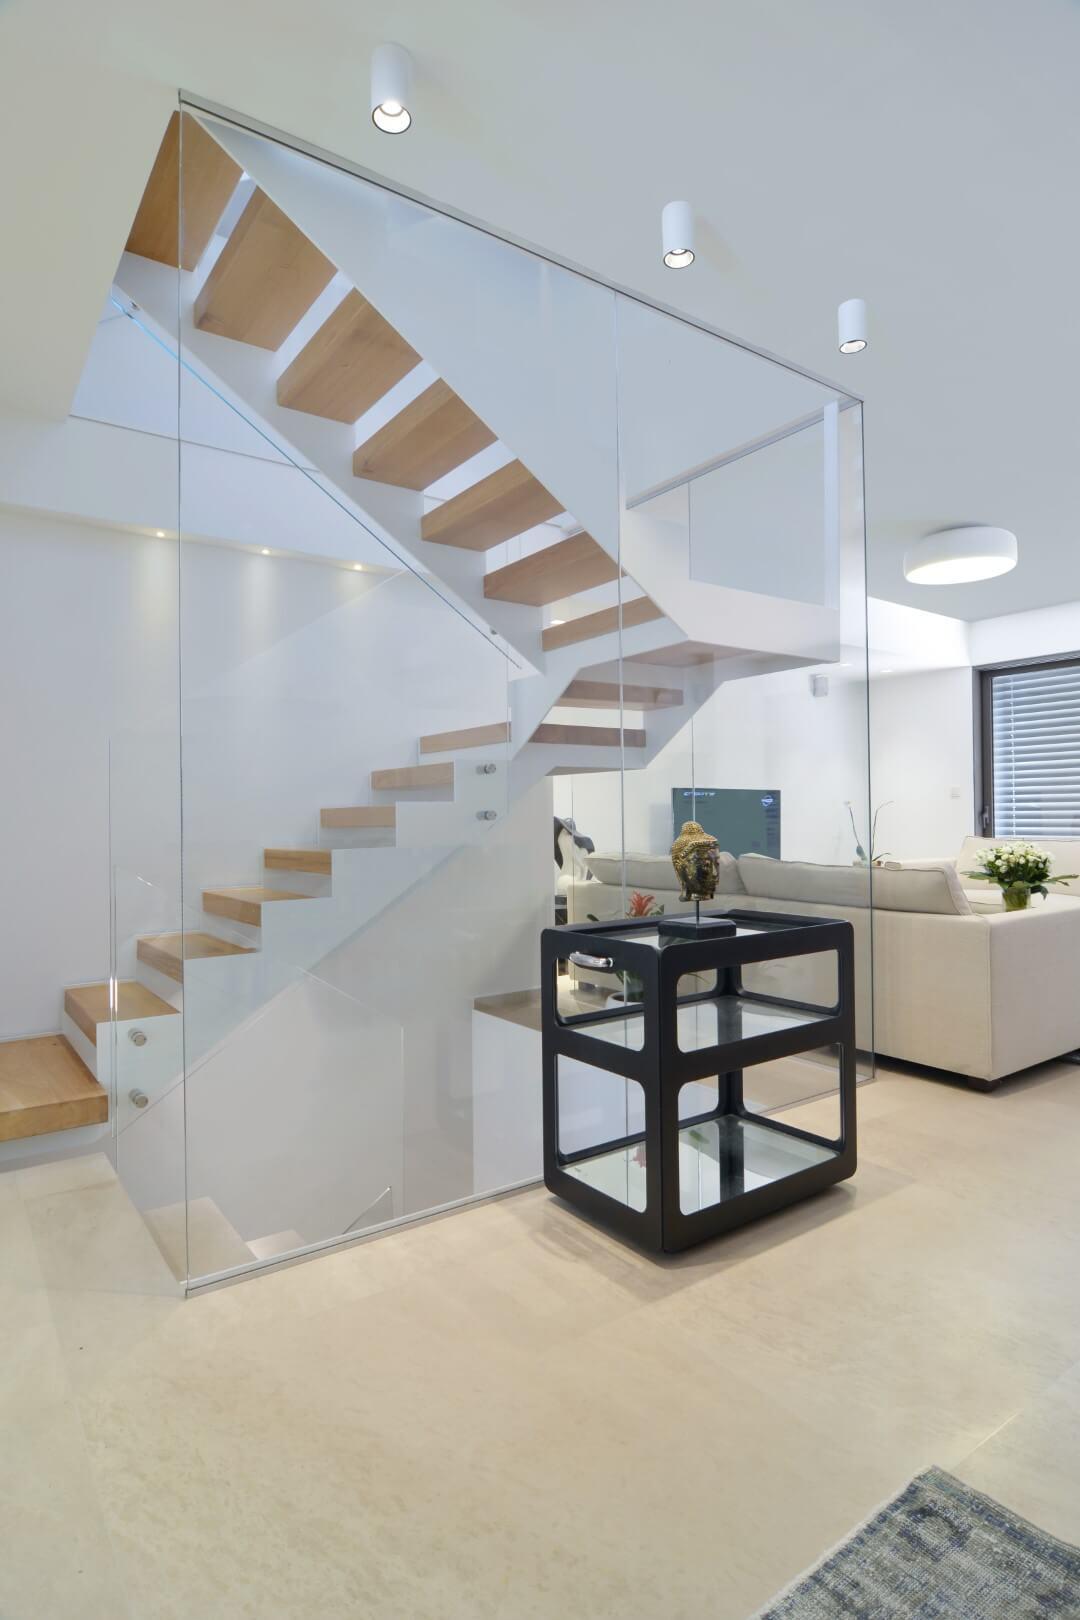 מבט מעבד למחיצת הזכוכית על שני גרמי מדרגות ברזל ועץ אלון